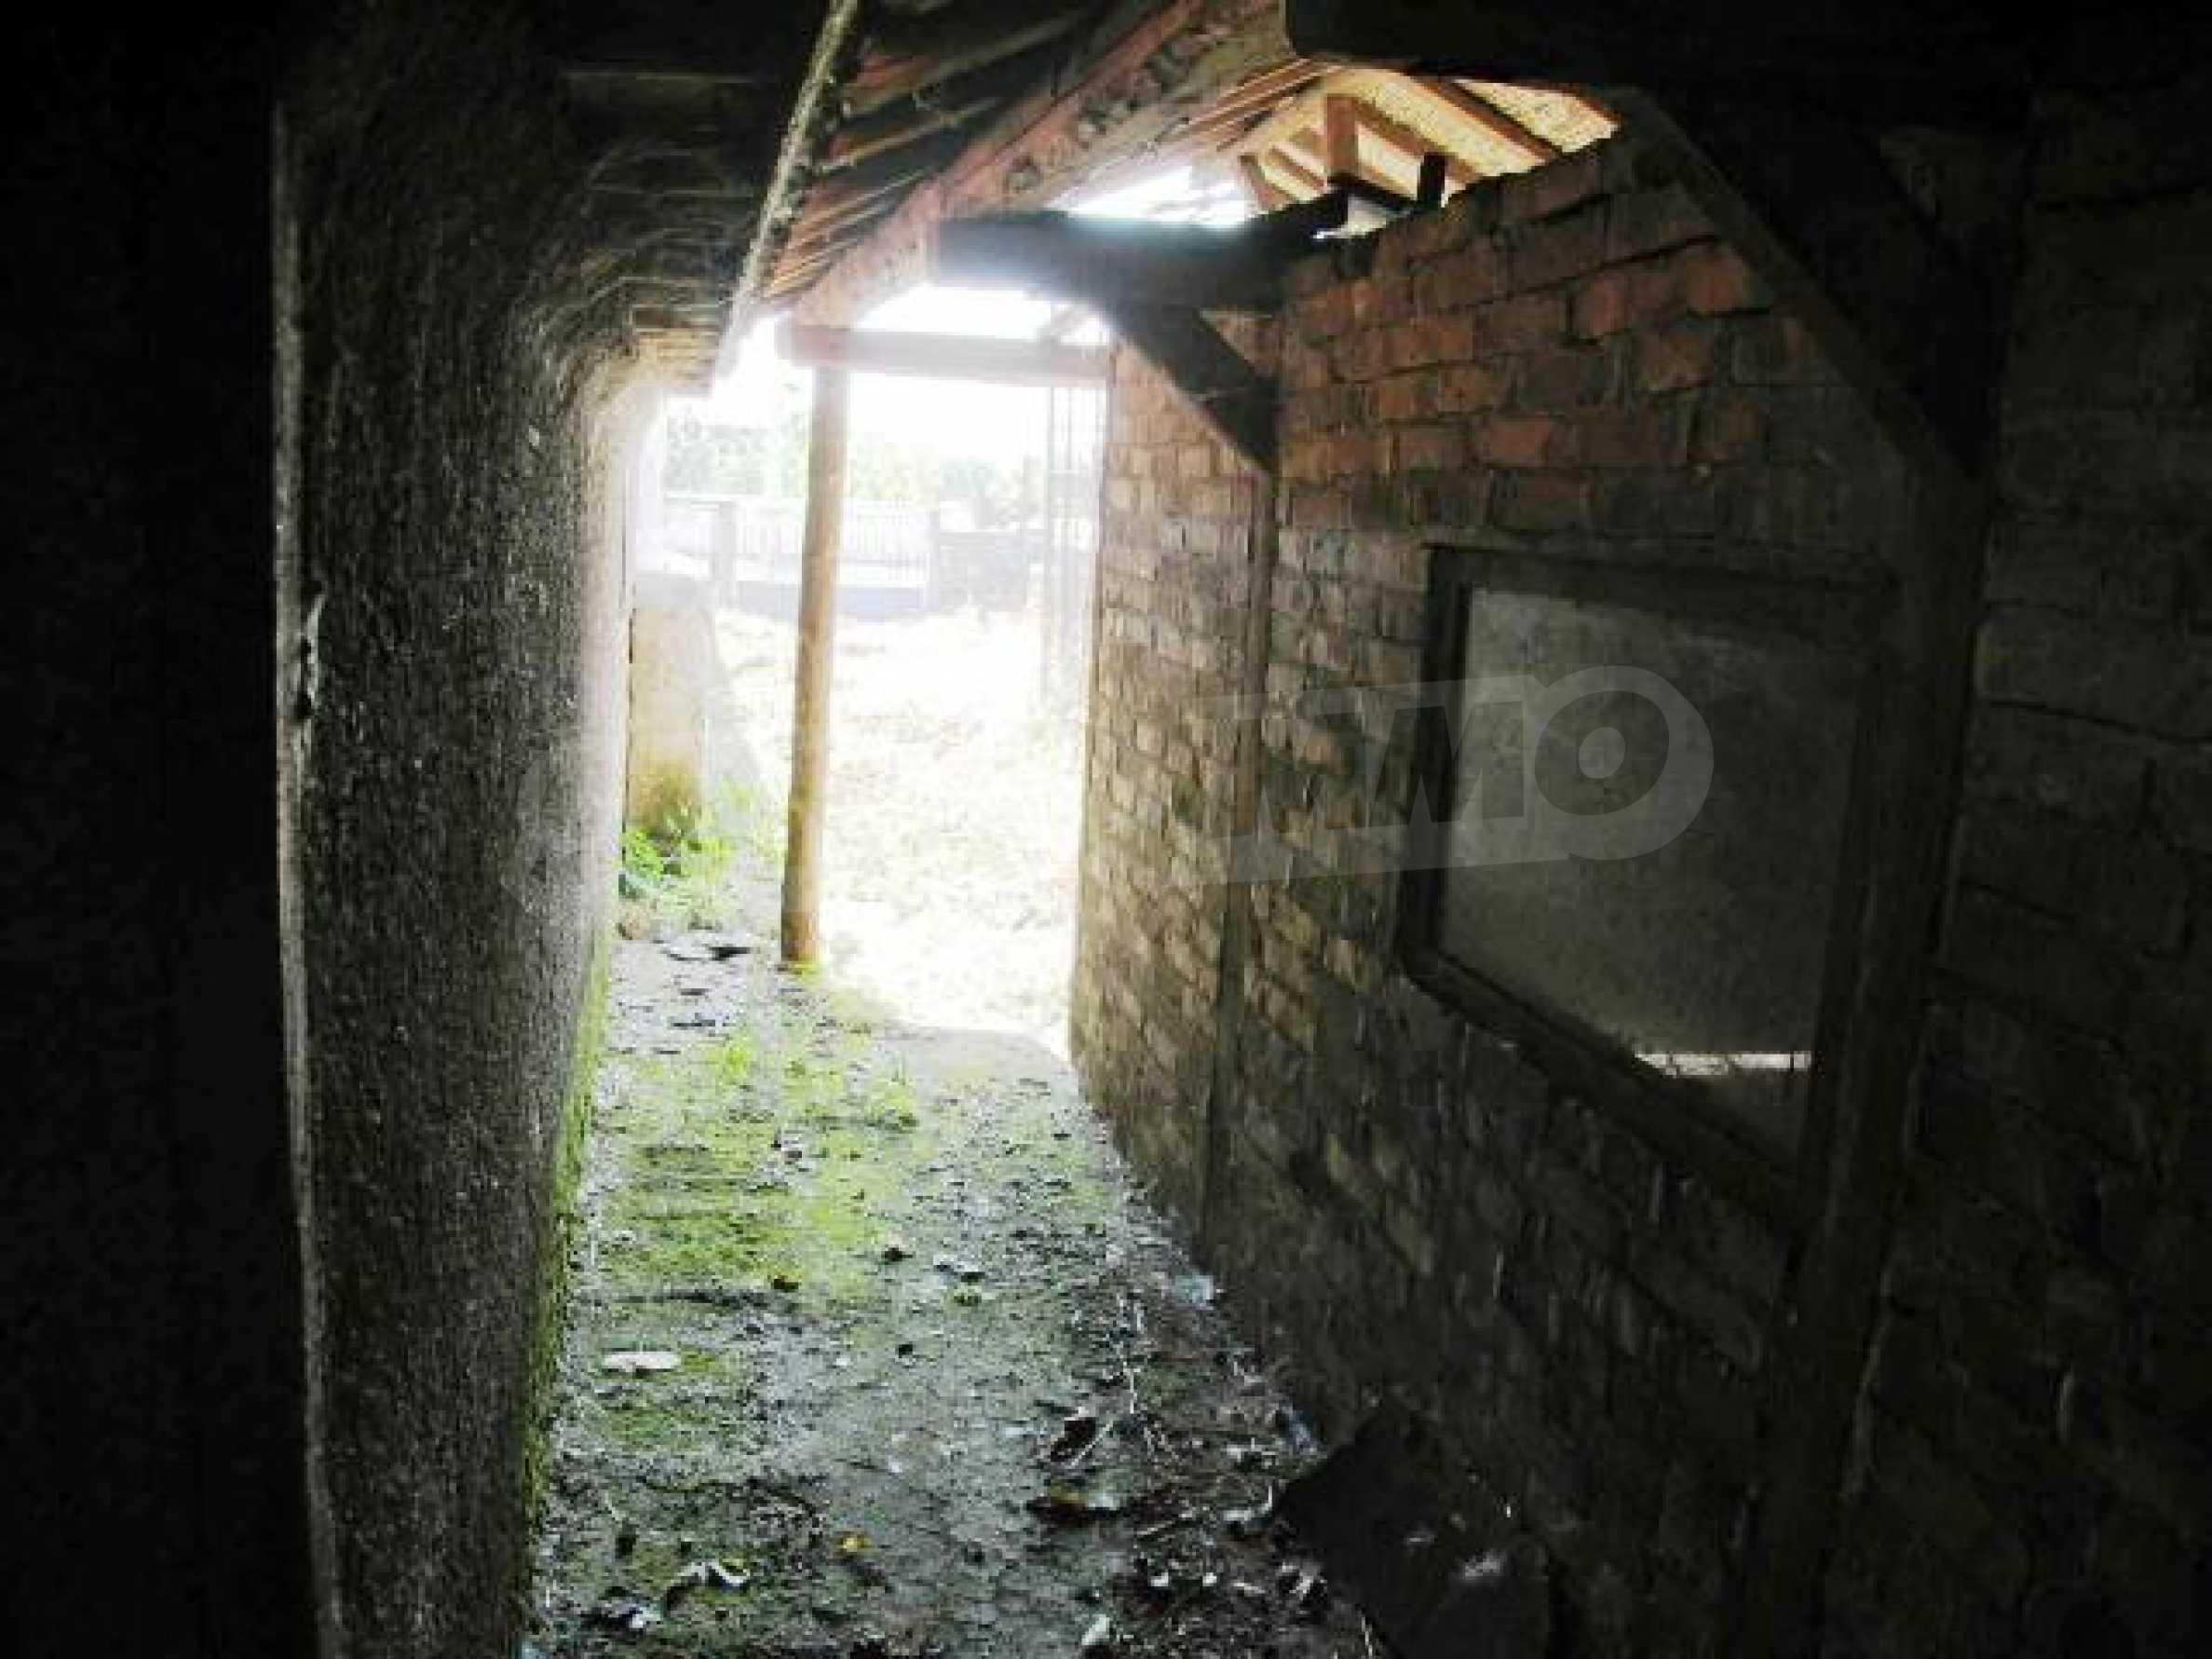 Къща за продажба близо до Варна 22